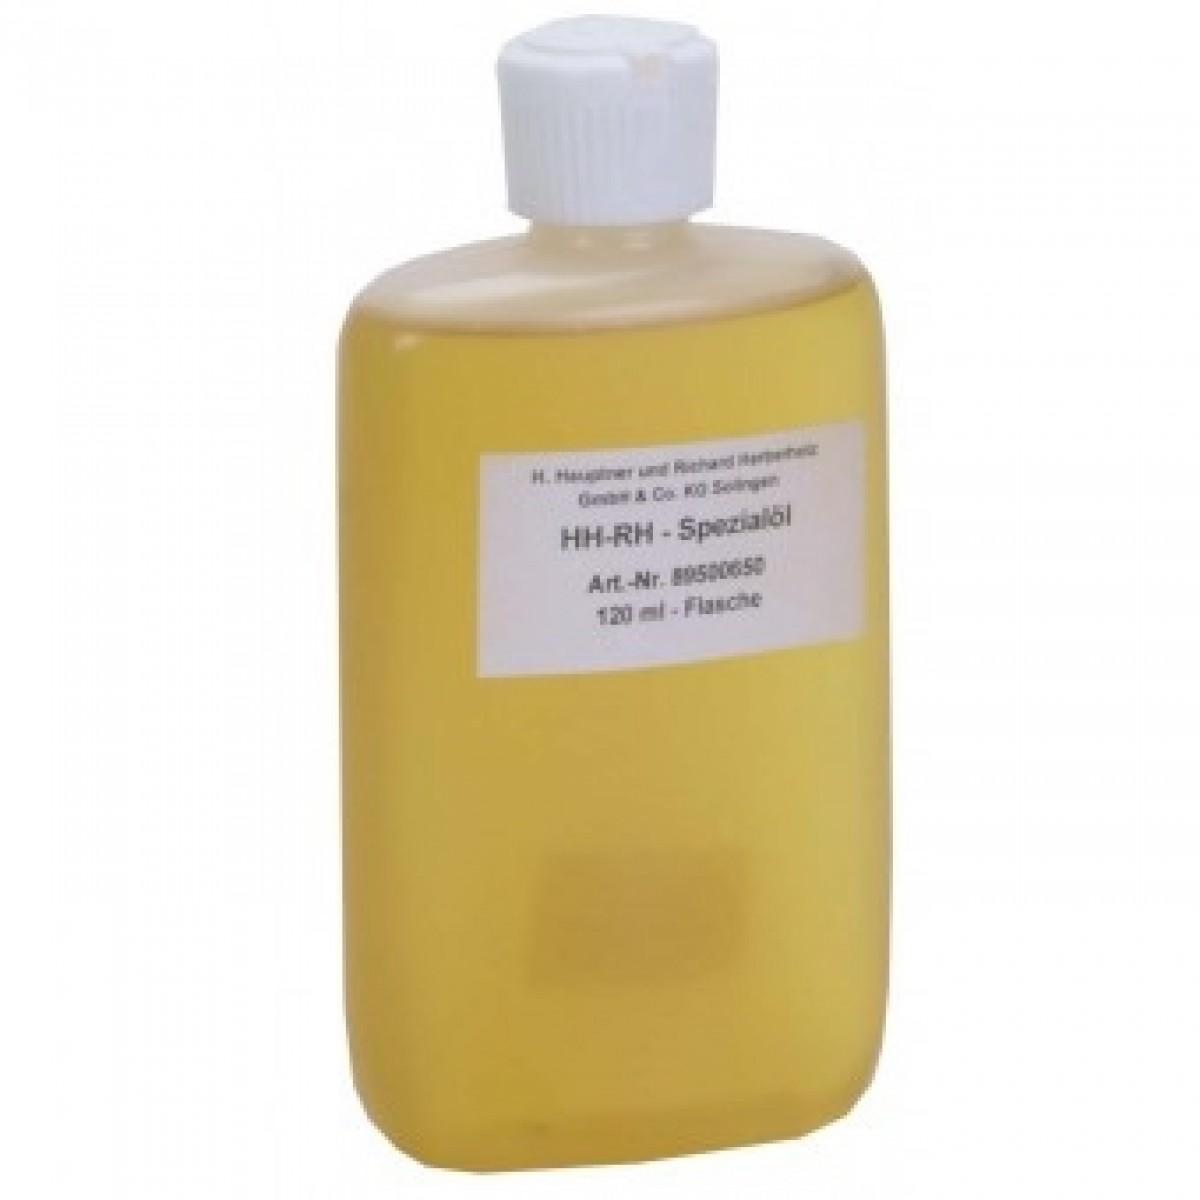 Hauptner Klippeolie 120 ml